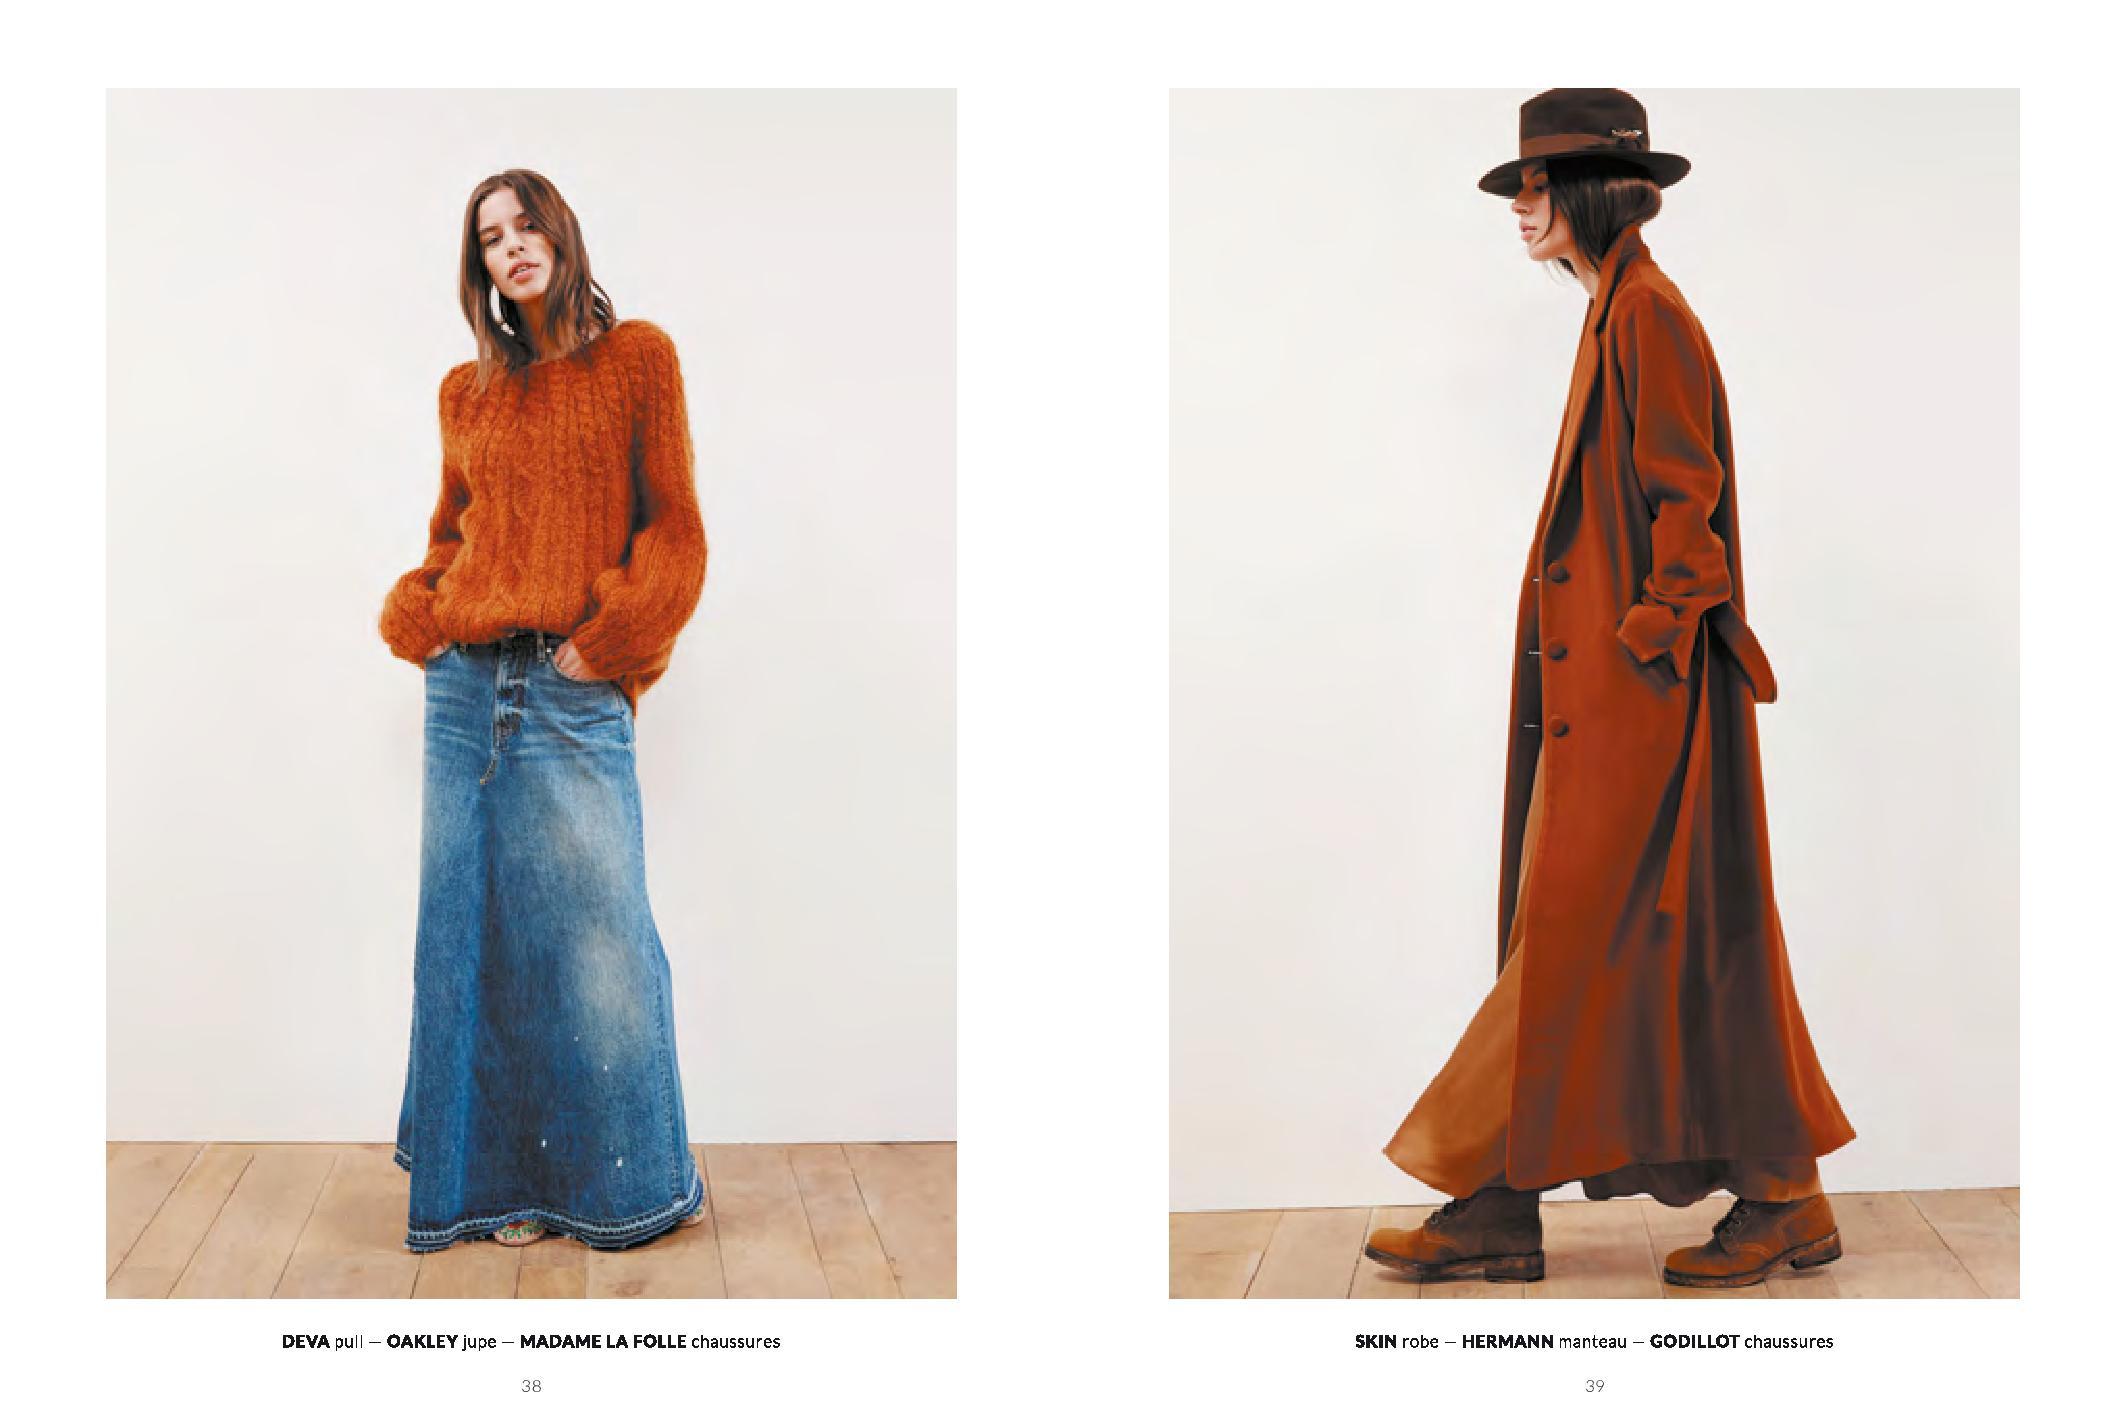 b4_md_lookbook_mes_demoiselles_paris_web_dresscode-page-022.jpg